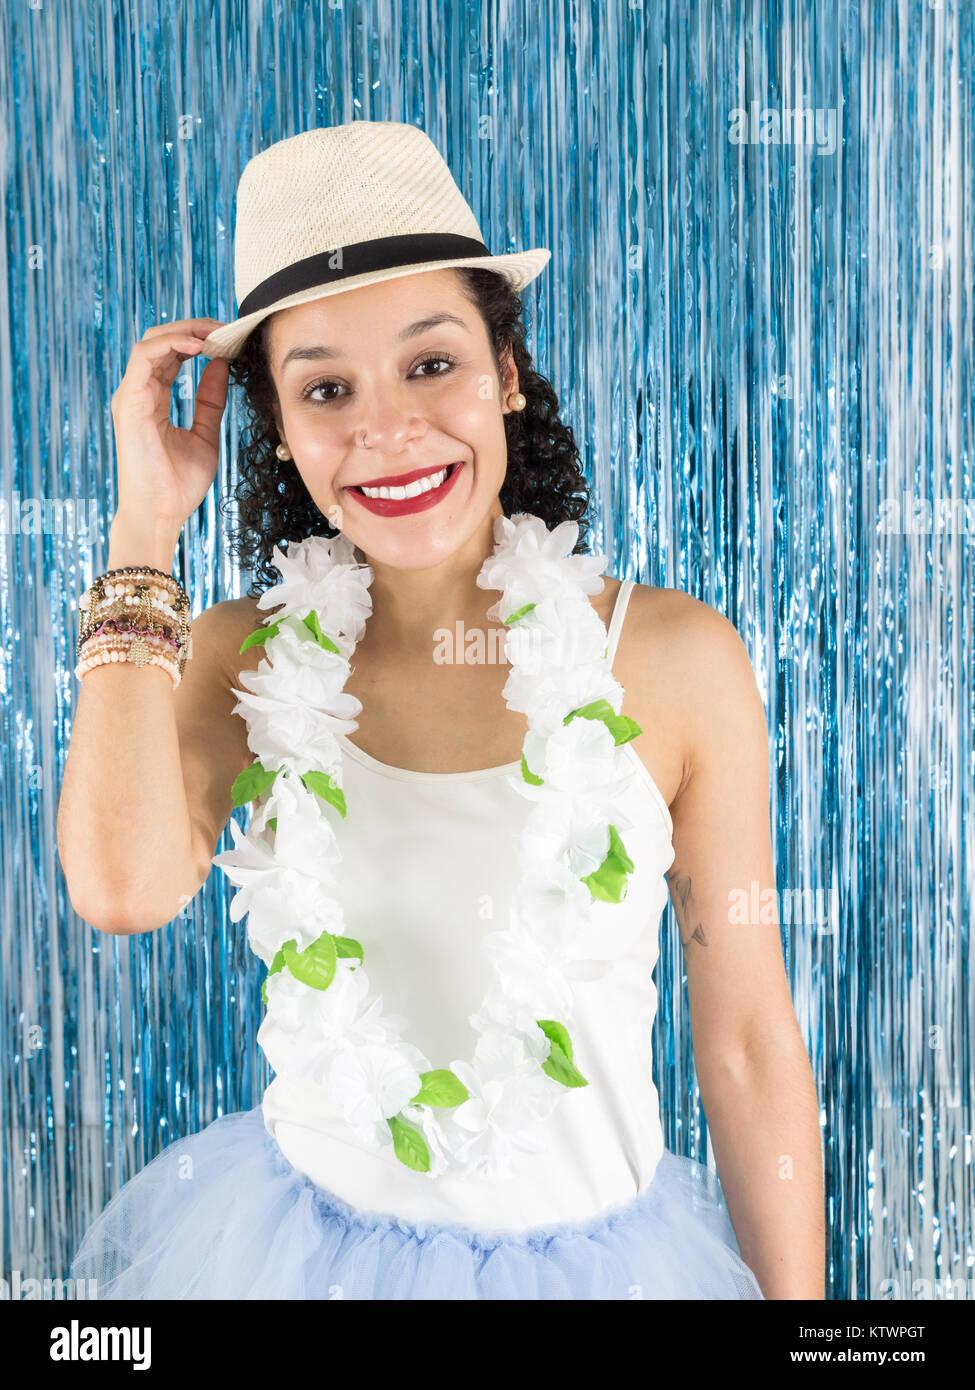 965923ccb4 Adolescente brasiliana è sempre sorridente e tenendo premuto il suo  cappello. Bella donna è in